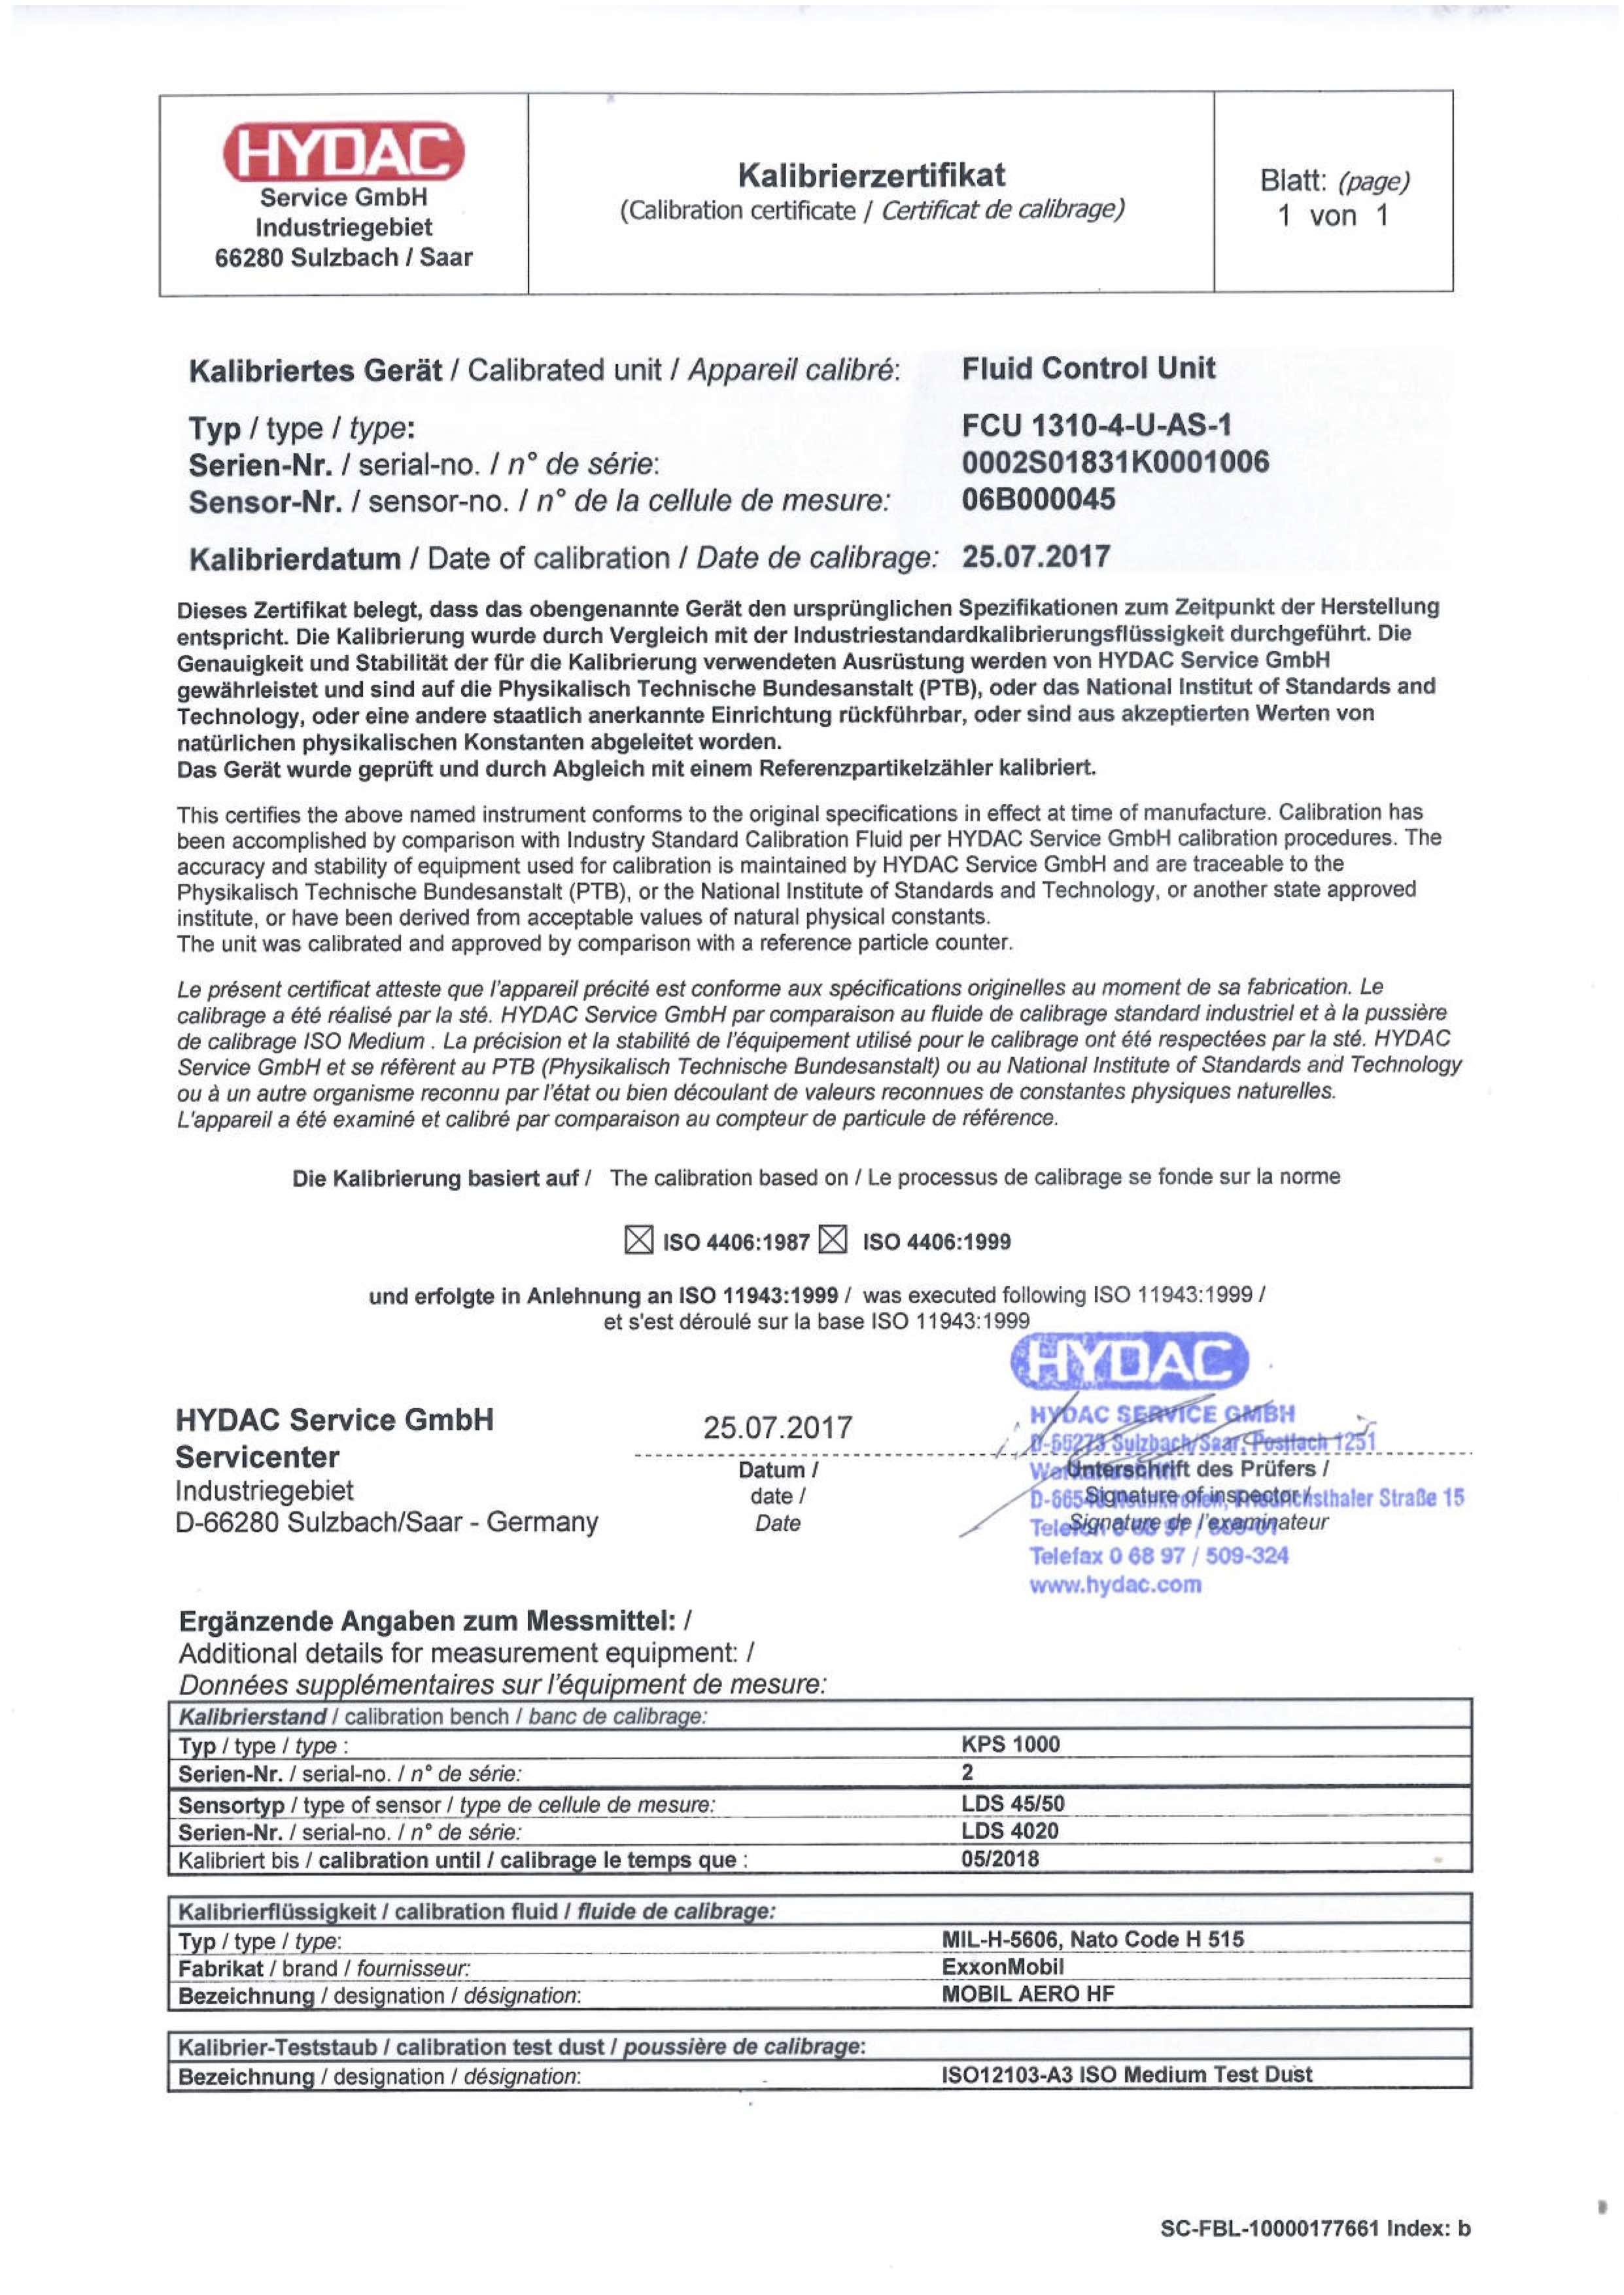 kalibrace FCU 1000